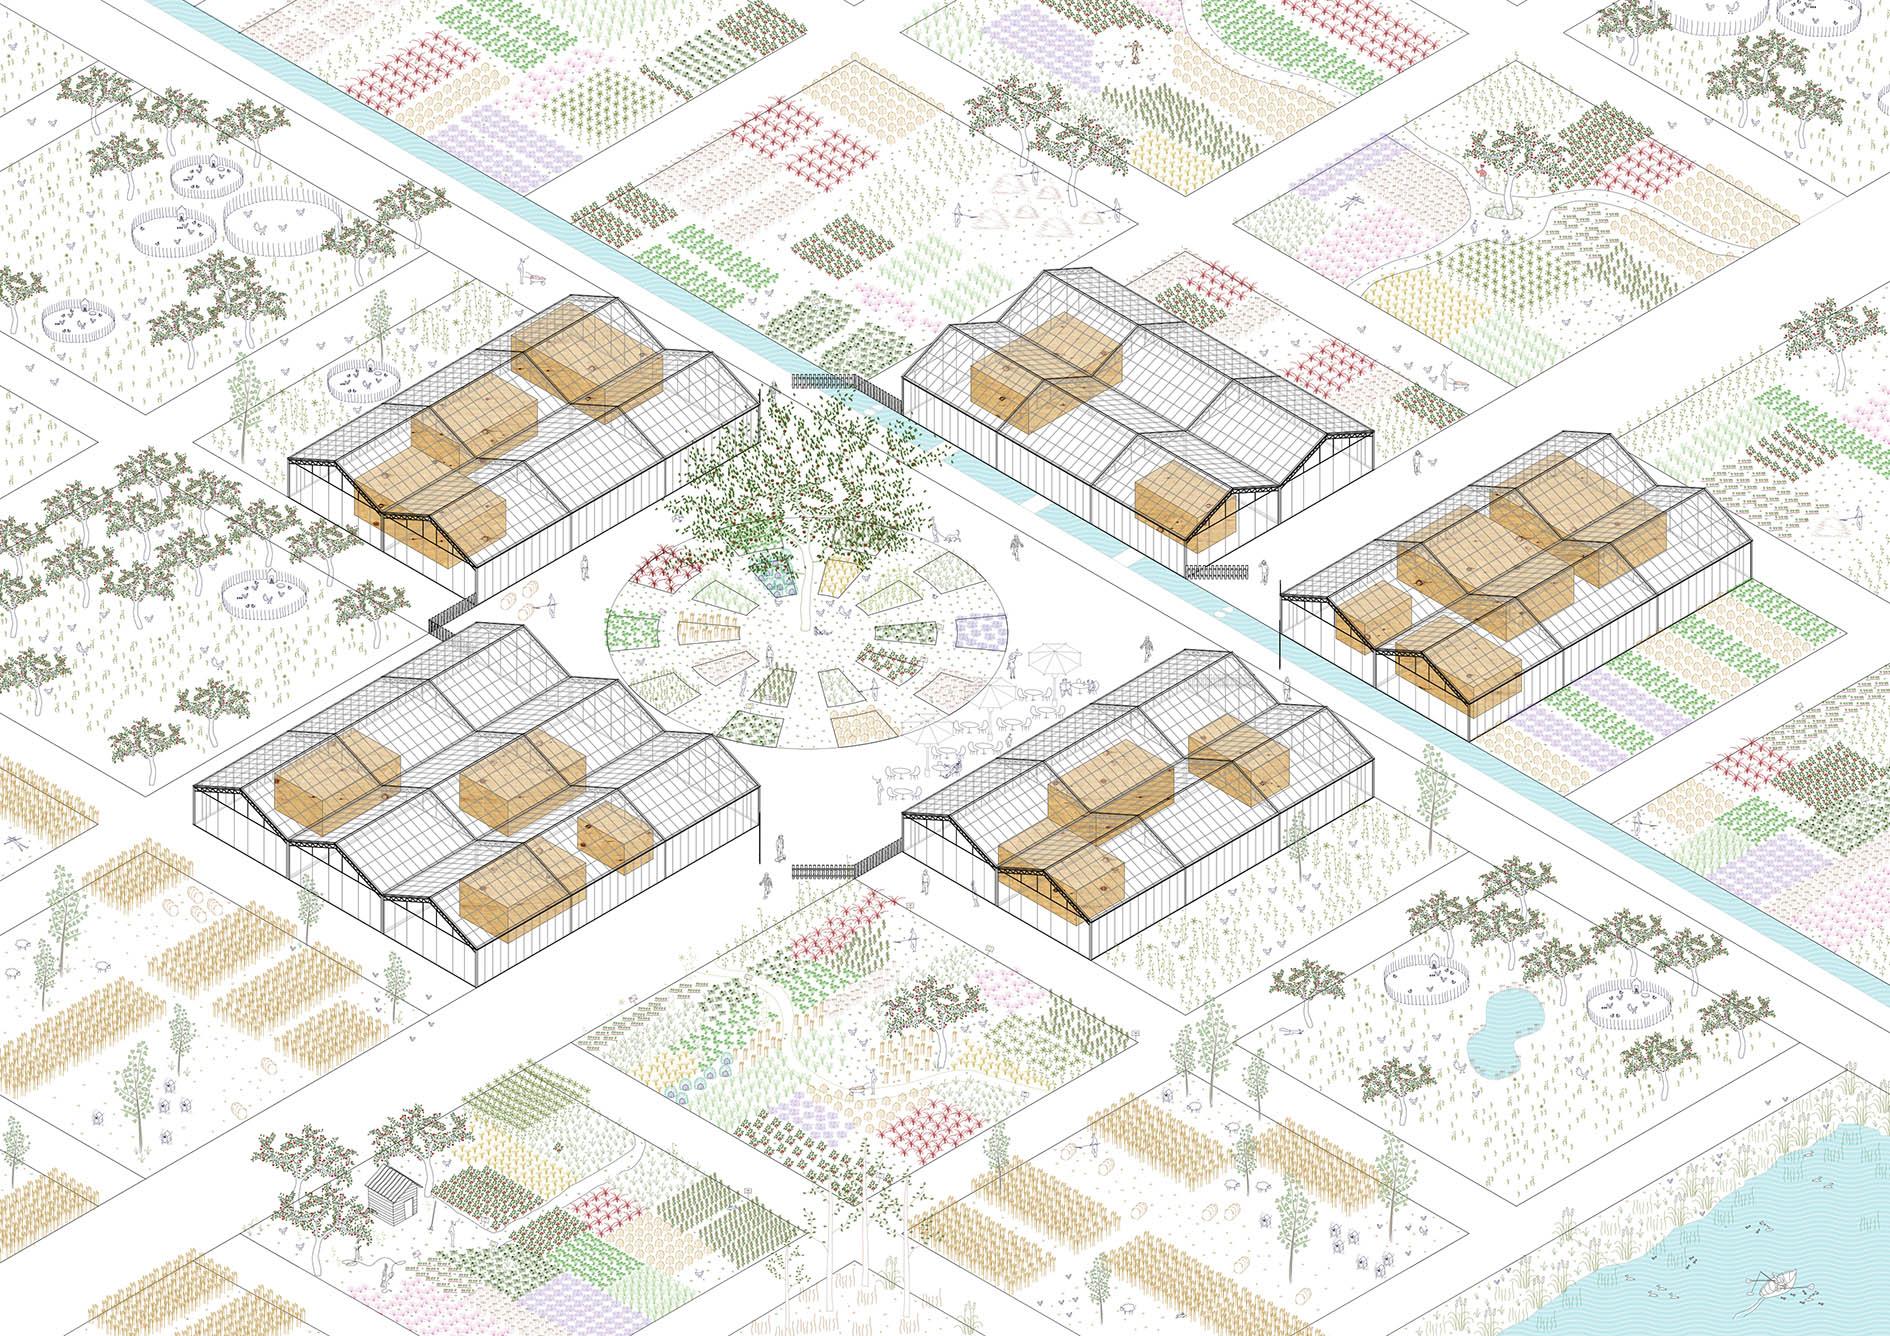 La Cité de l'agriculture - axonométrie de synthèse